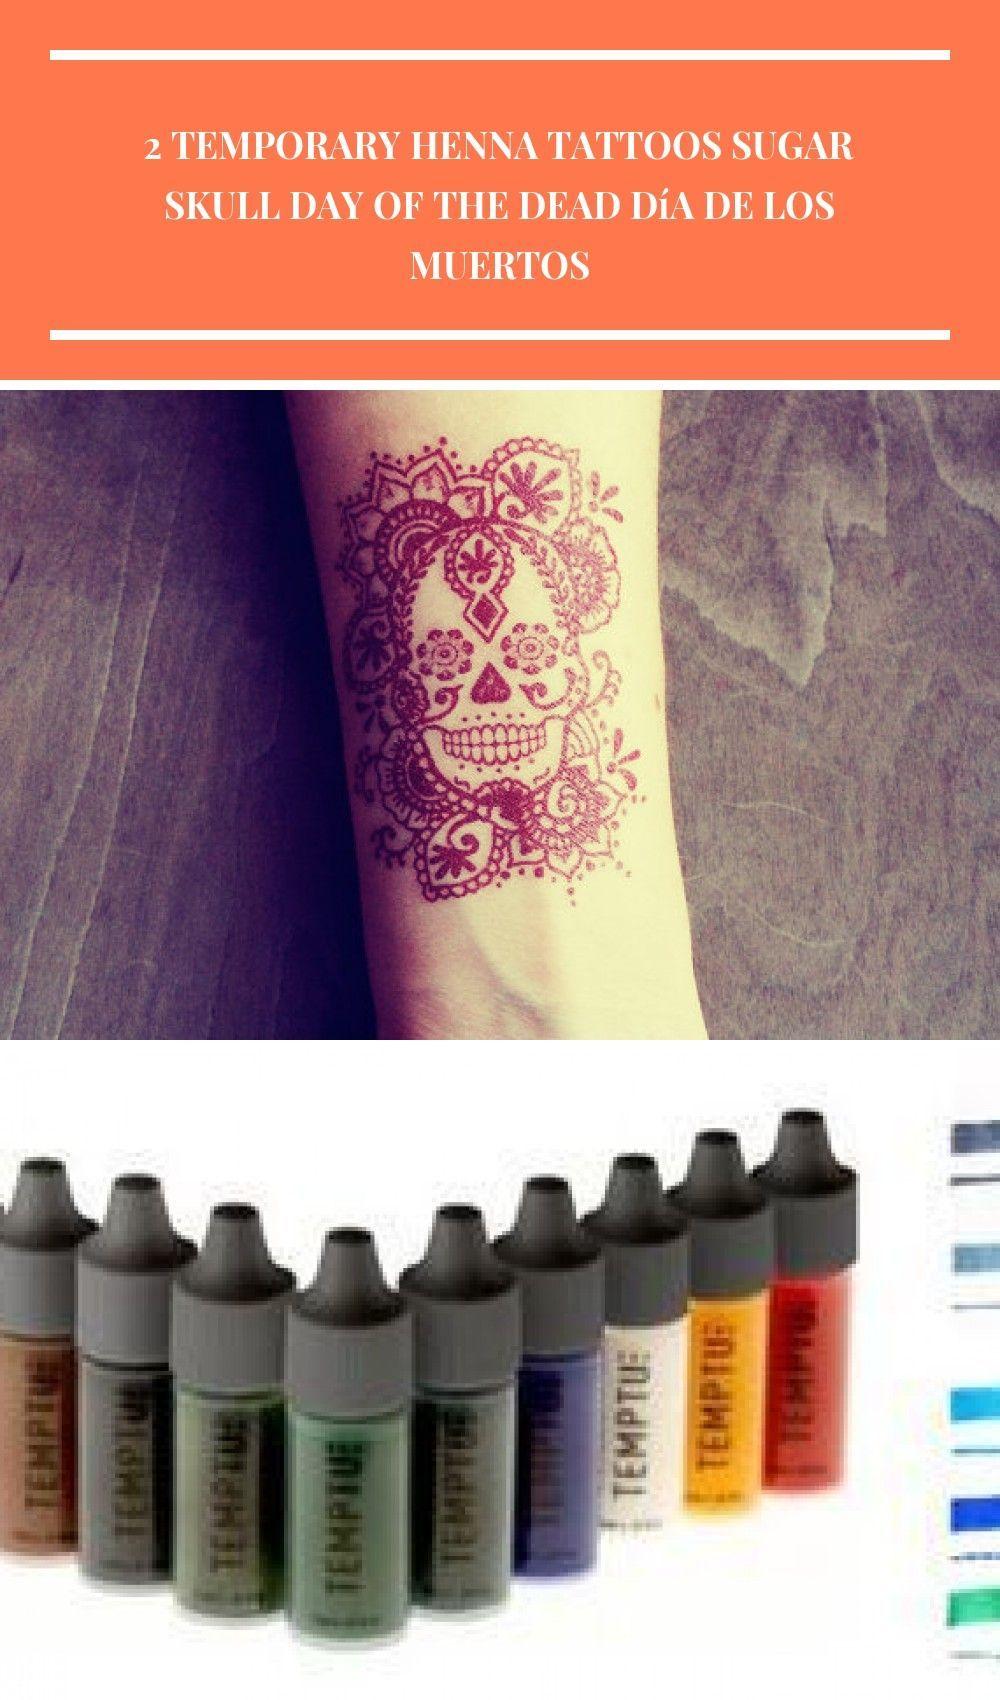 Henna Tattoo Für Jungs: 2 Temporäre Henna Tattoos Sugar Skull Tag Der Toten Día De